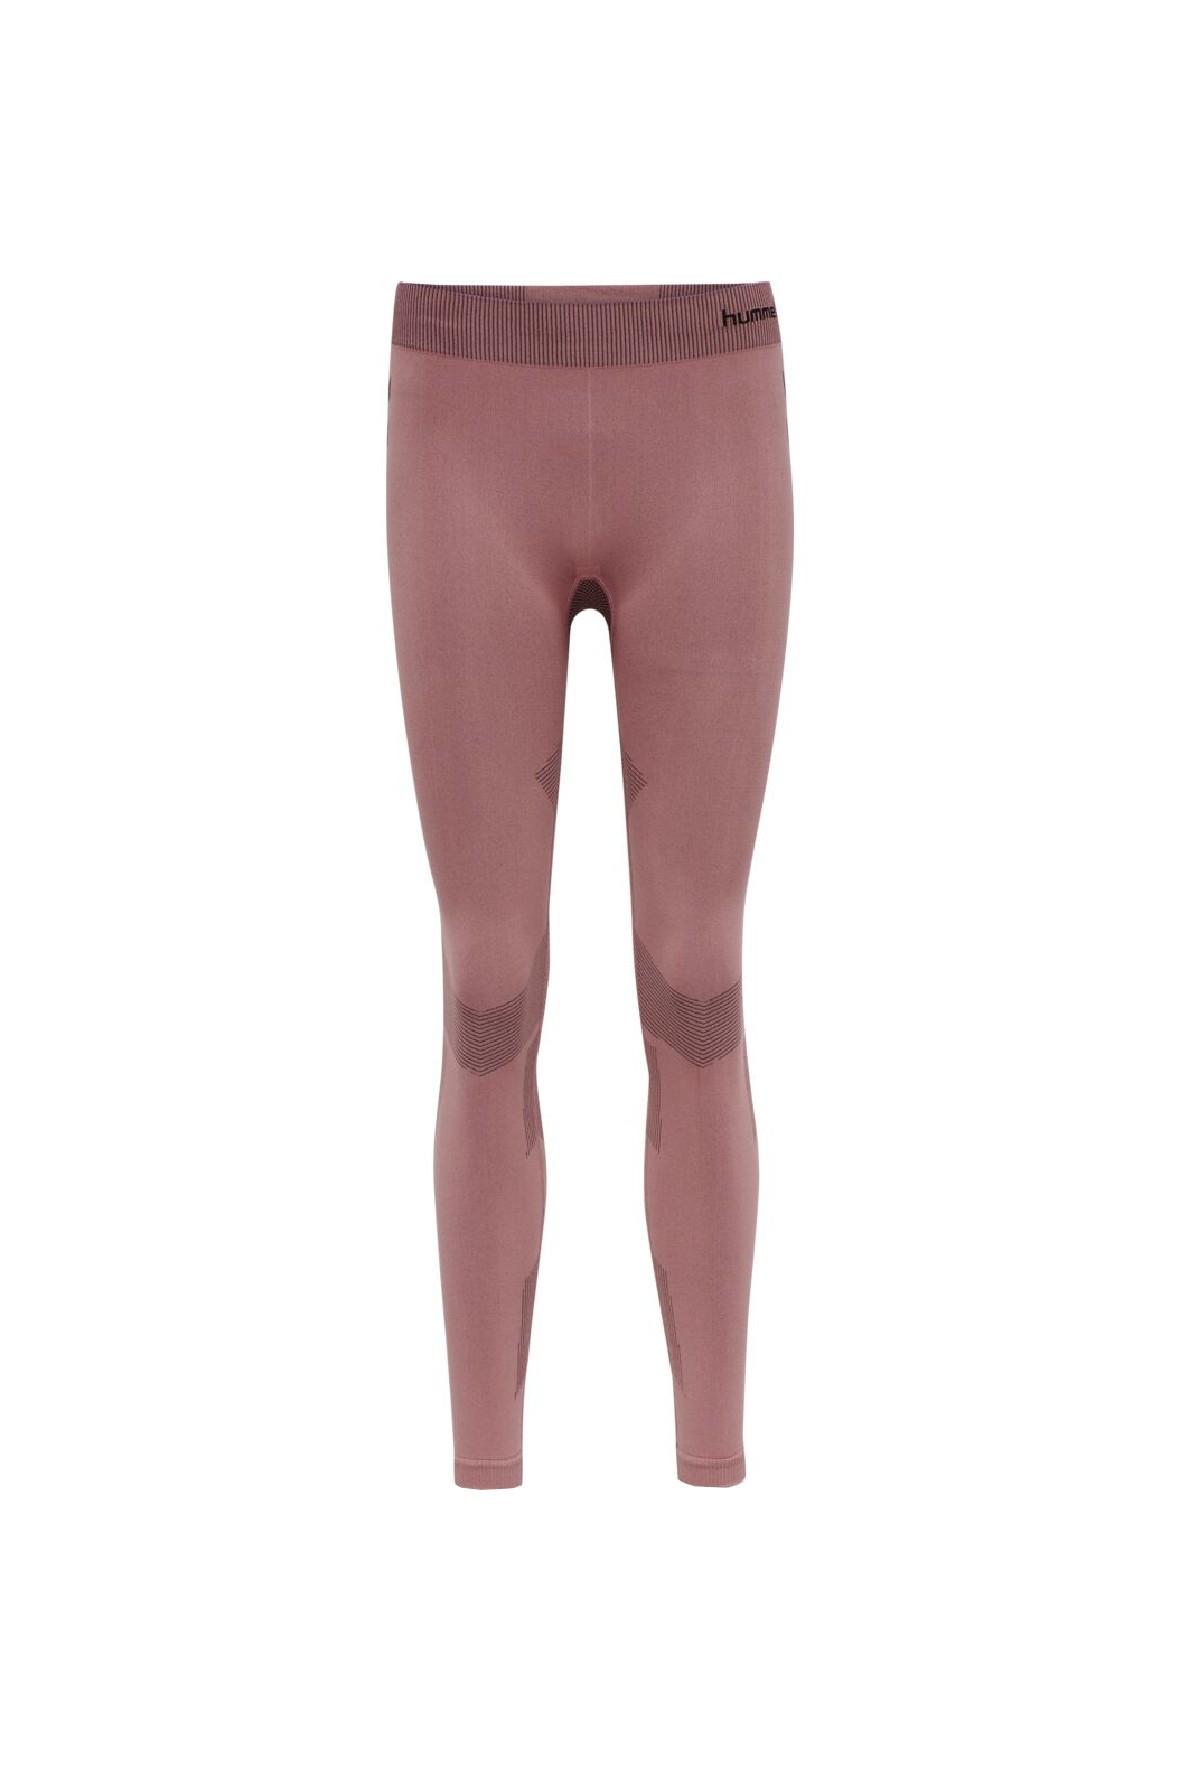 Bezszwowe legginsy treningowe damskie Hummel